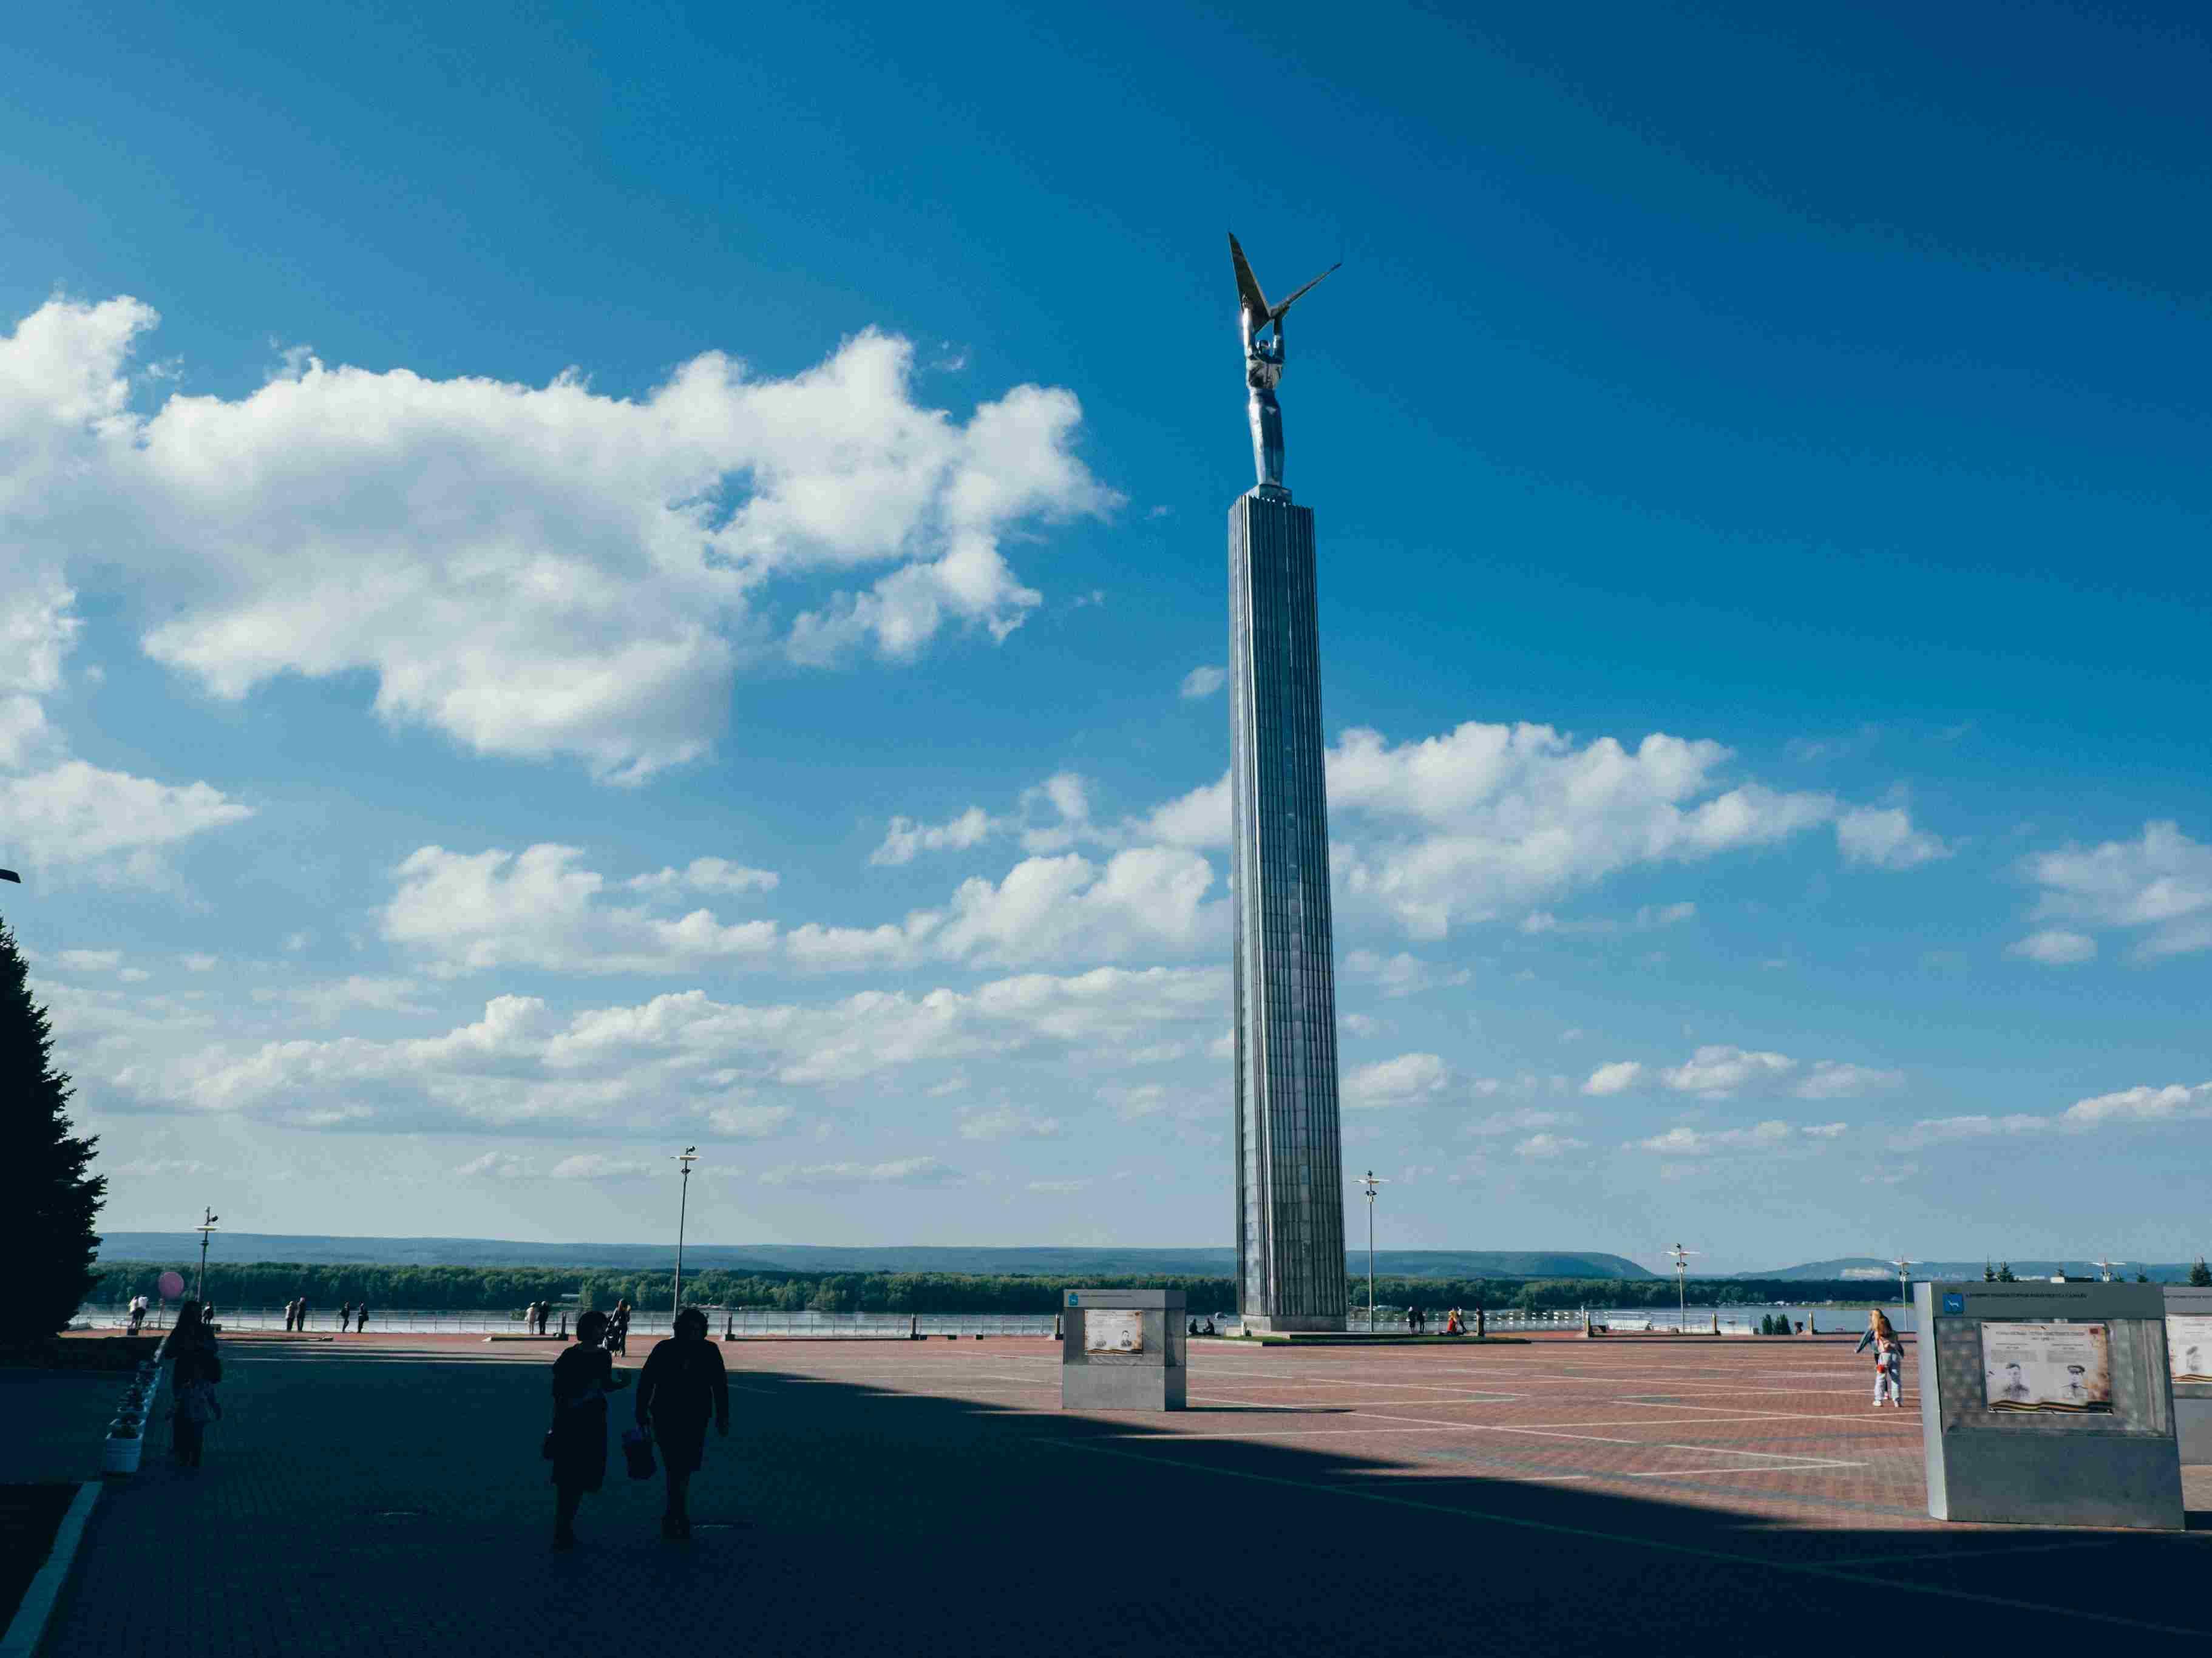 Gente frente a la escultura contra el cielo